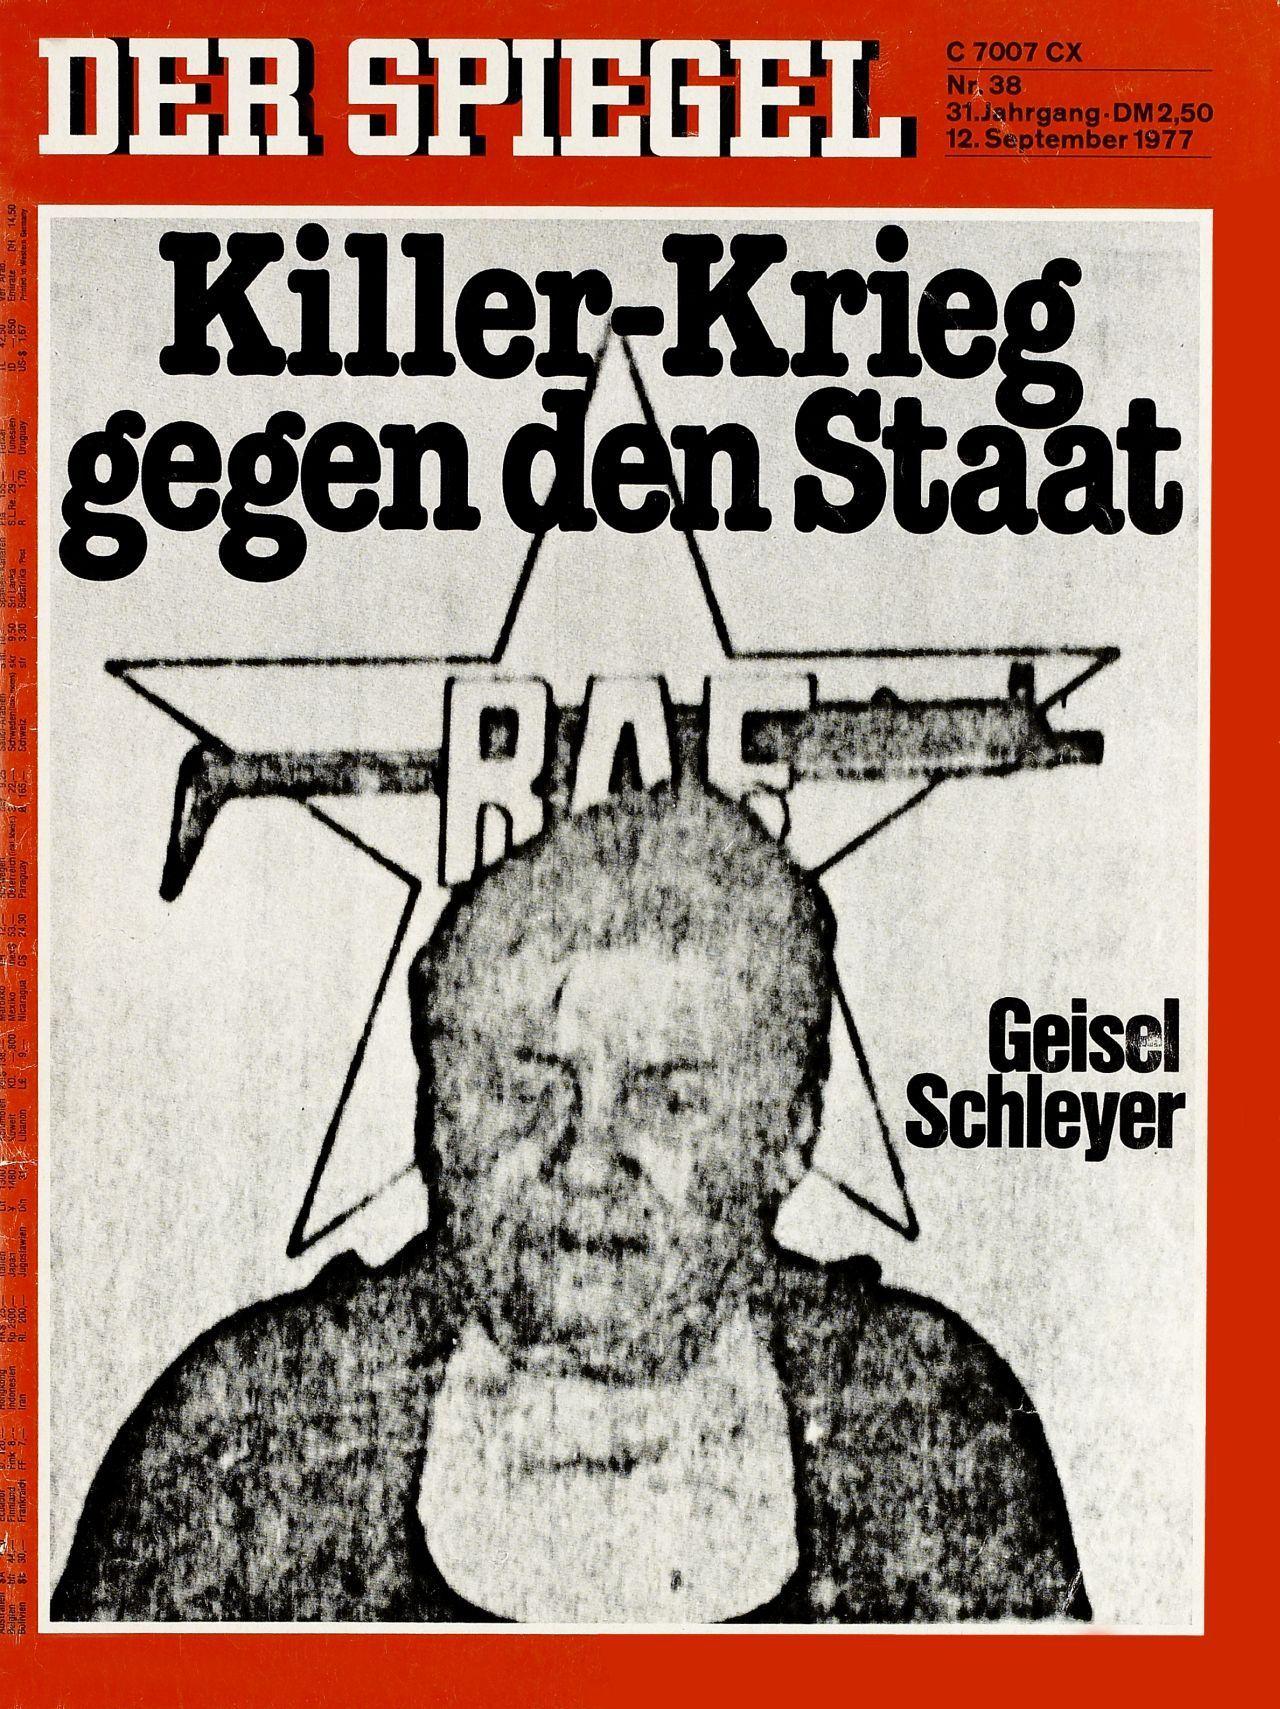 Auf dem Spiegel-Titelblatt Schwarzweiß-Foto mit dem Entführungsopfer Hanns Martin Schleyer, zu sehen vom Schulterbereich an aufwärts, im Hintergrund Abbildung des RAF-Emblems; schwarze Titelschlagzeilen 'Killer-Krieg gegen den Staat' und 'Geisel Schleyer'